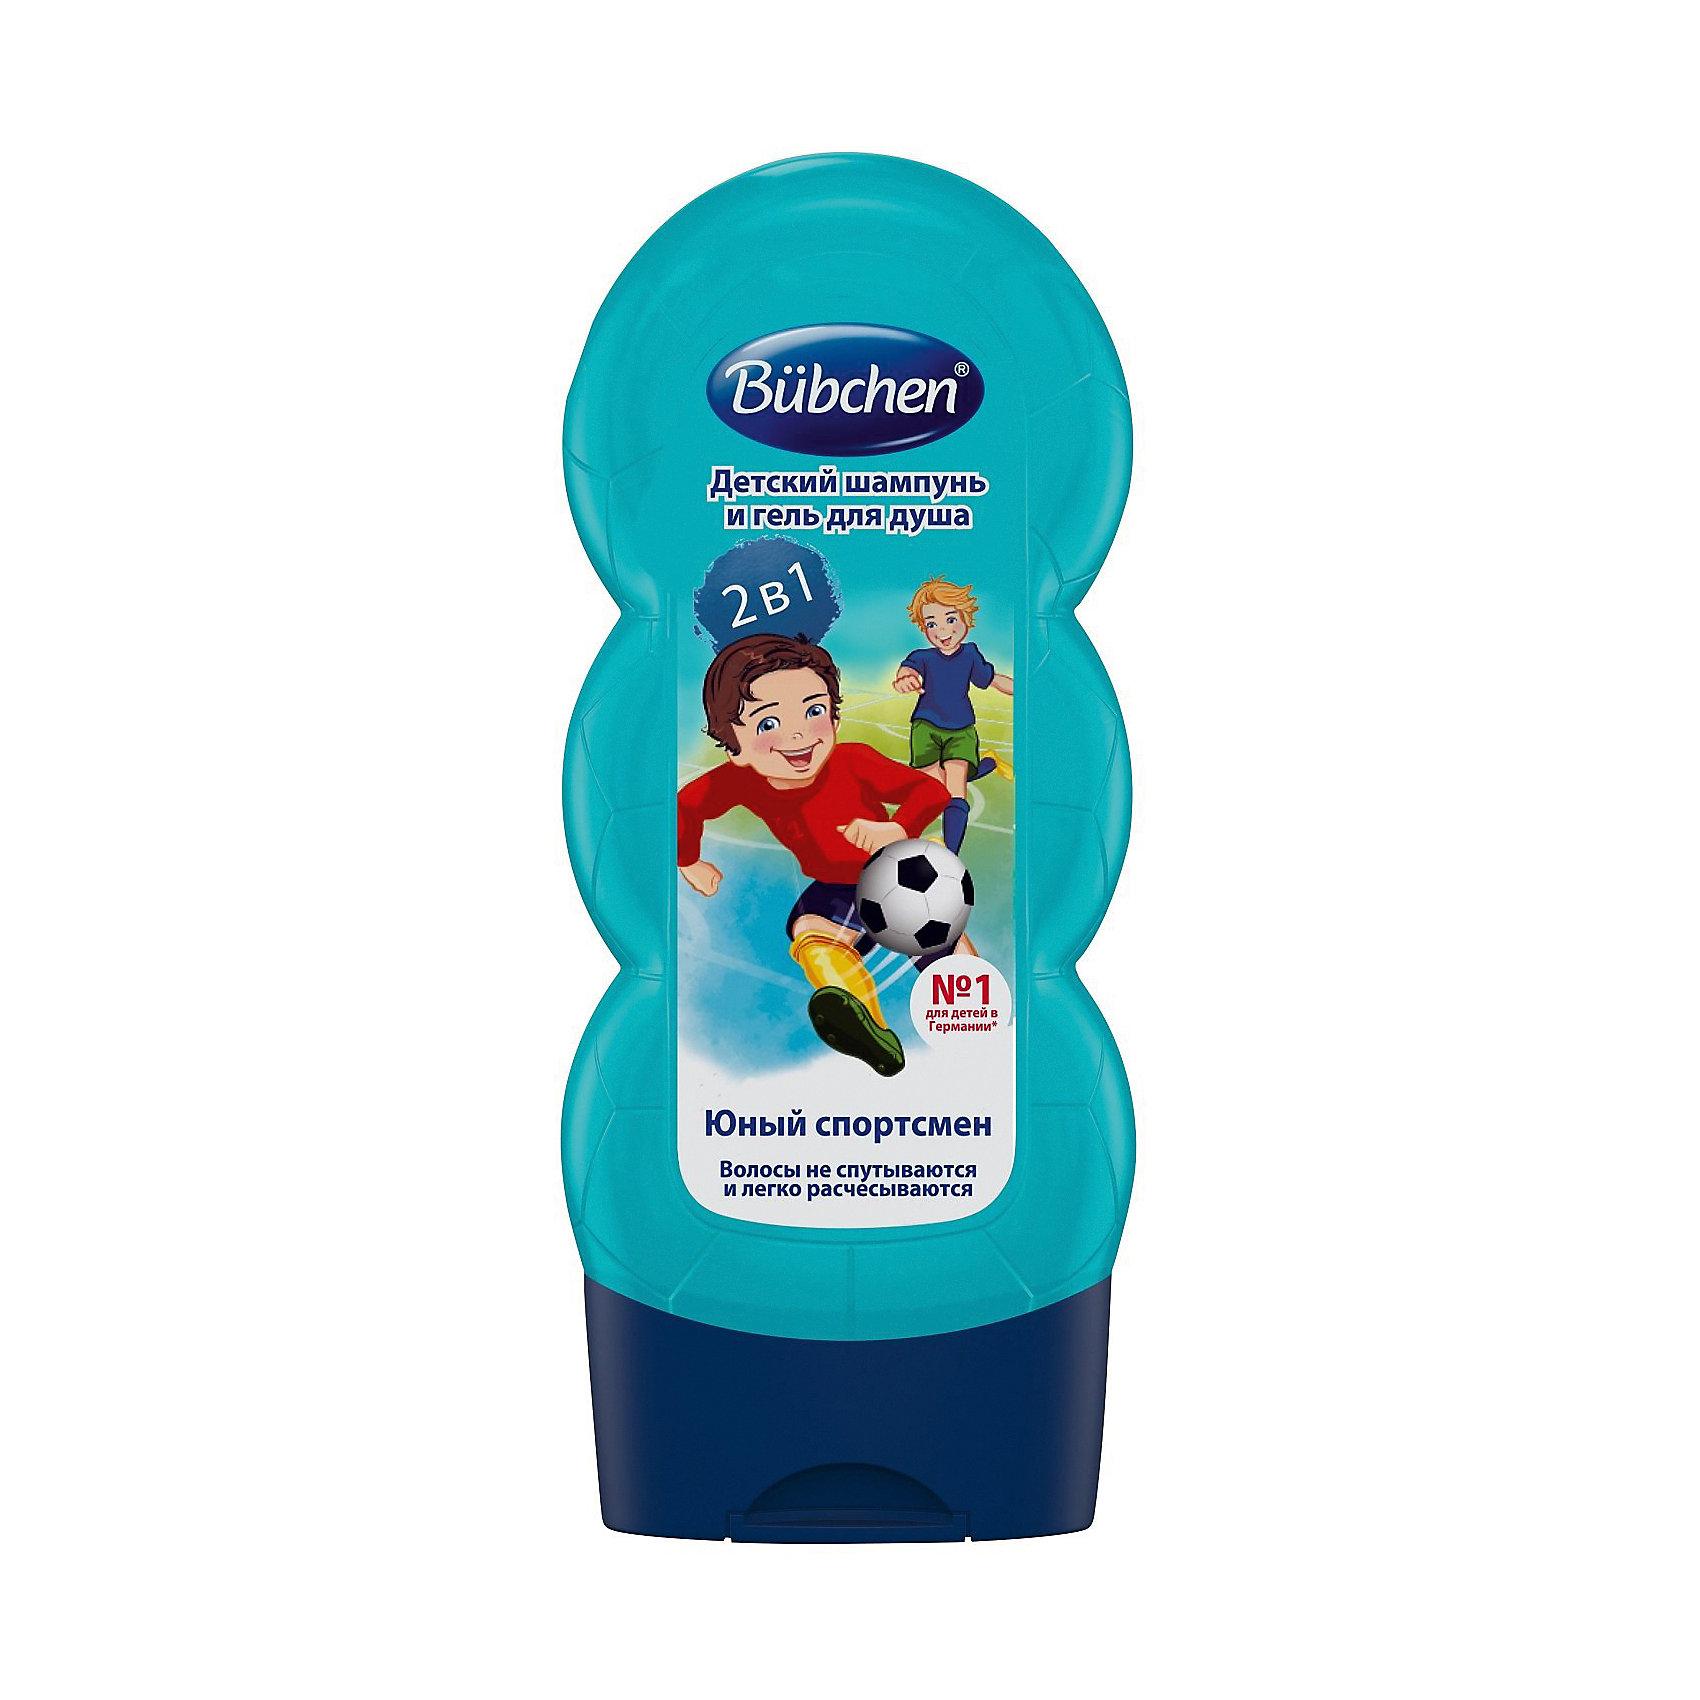 Шампунь для мытья волос и тела Спорт и удовольствие, Bubchen, 230 мл.Шампуни<br>Шампунь для мытья волос и тела Спорт и удовольствие, Bubchen, 230 мл. – для нежного очищения волос и кожи.<br><br>Шампунь Спорт и удовольствие содержит активные компоненты на растительной основе, которые способствуют нежному очищению кожи. Натуральные вещества обеспечивают мягкий уход с головы до пяточек. Укрепляет волосы и облегчает их расчесывание. Идеален после занятий спортом и активных прогулок. Шампунь совмещает в себе гель для тела и шампунь. Не содержит вызывающих аллергическую реакцию ароматизаторов и красителей, pH-нейтрален.<br><br>Дополнительная информация:<br><br>- размер 65х40х170 мм<br>- объем: 230 мл.<br><br>Шампунь для мытья волос и тела Спорт и удовольствие, Bubchen, 230 мл. – бодрящая свежесть для настоящих чемпионов!<br><br>Шампунь для мытья волос и тела Спорт и удовольствие, Bubchen, 230 мл. можно купить в нашем магазине.<br><br>Ширина мм: 67<br>Глубина мм: 35<br>Высота мм: 170<br>Вес г: 260<br>Возраст от месяцев: 24<br>Возраст до месяцев: 2147483647<br>Пол: Унисекс<br>Возраст: Детский<br>SKU: 3713819